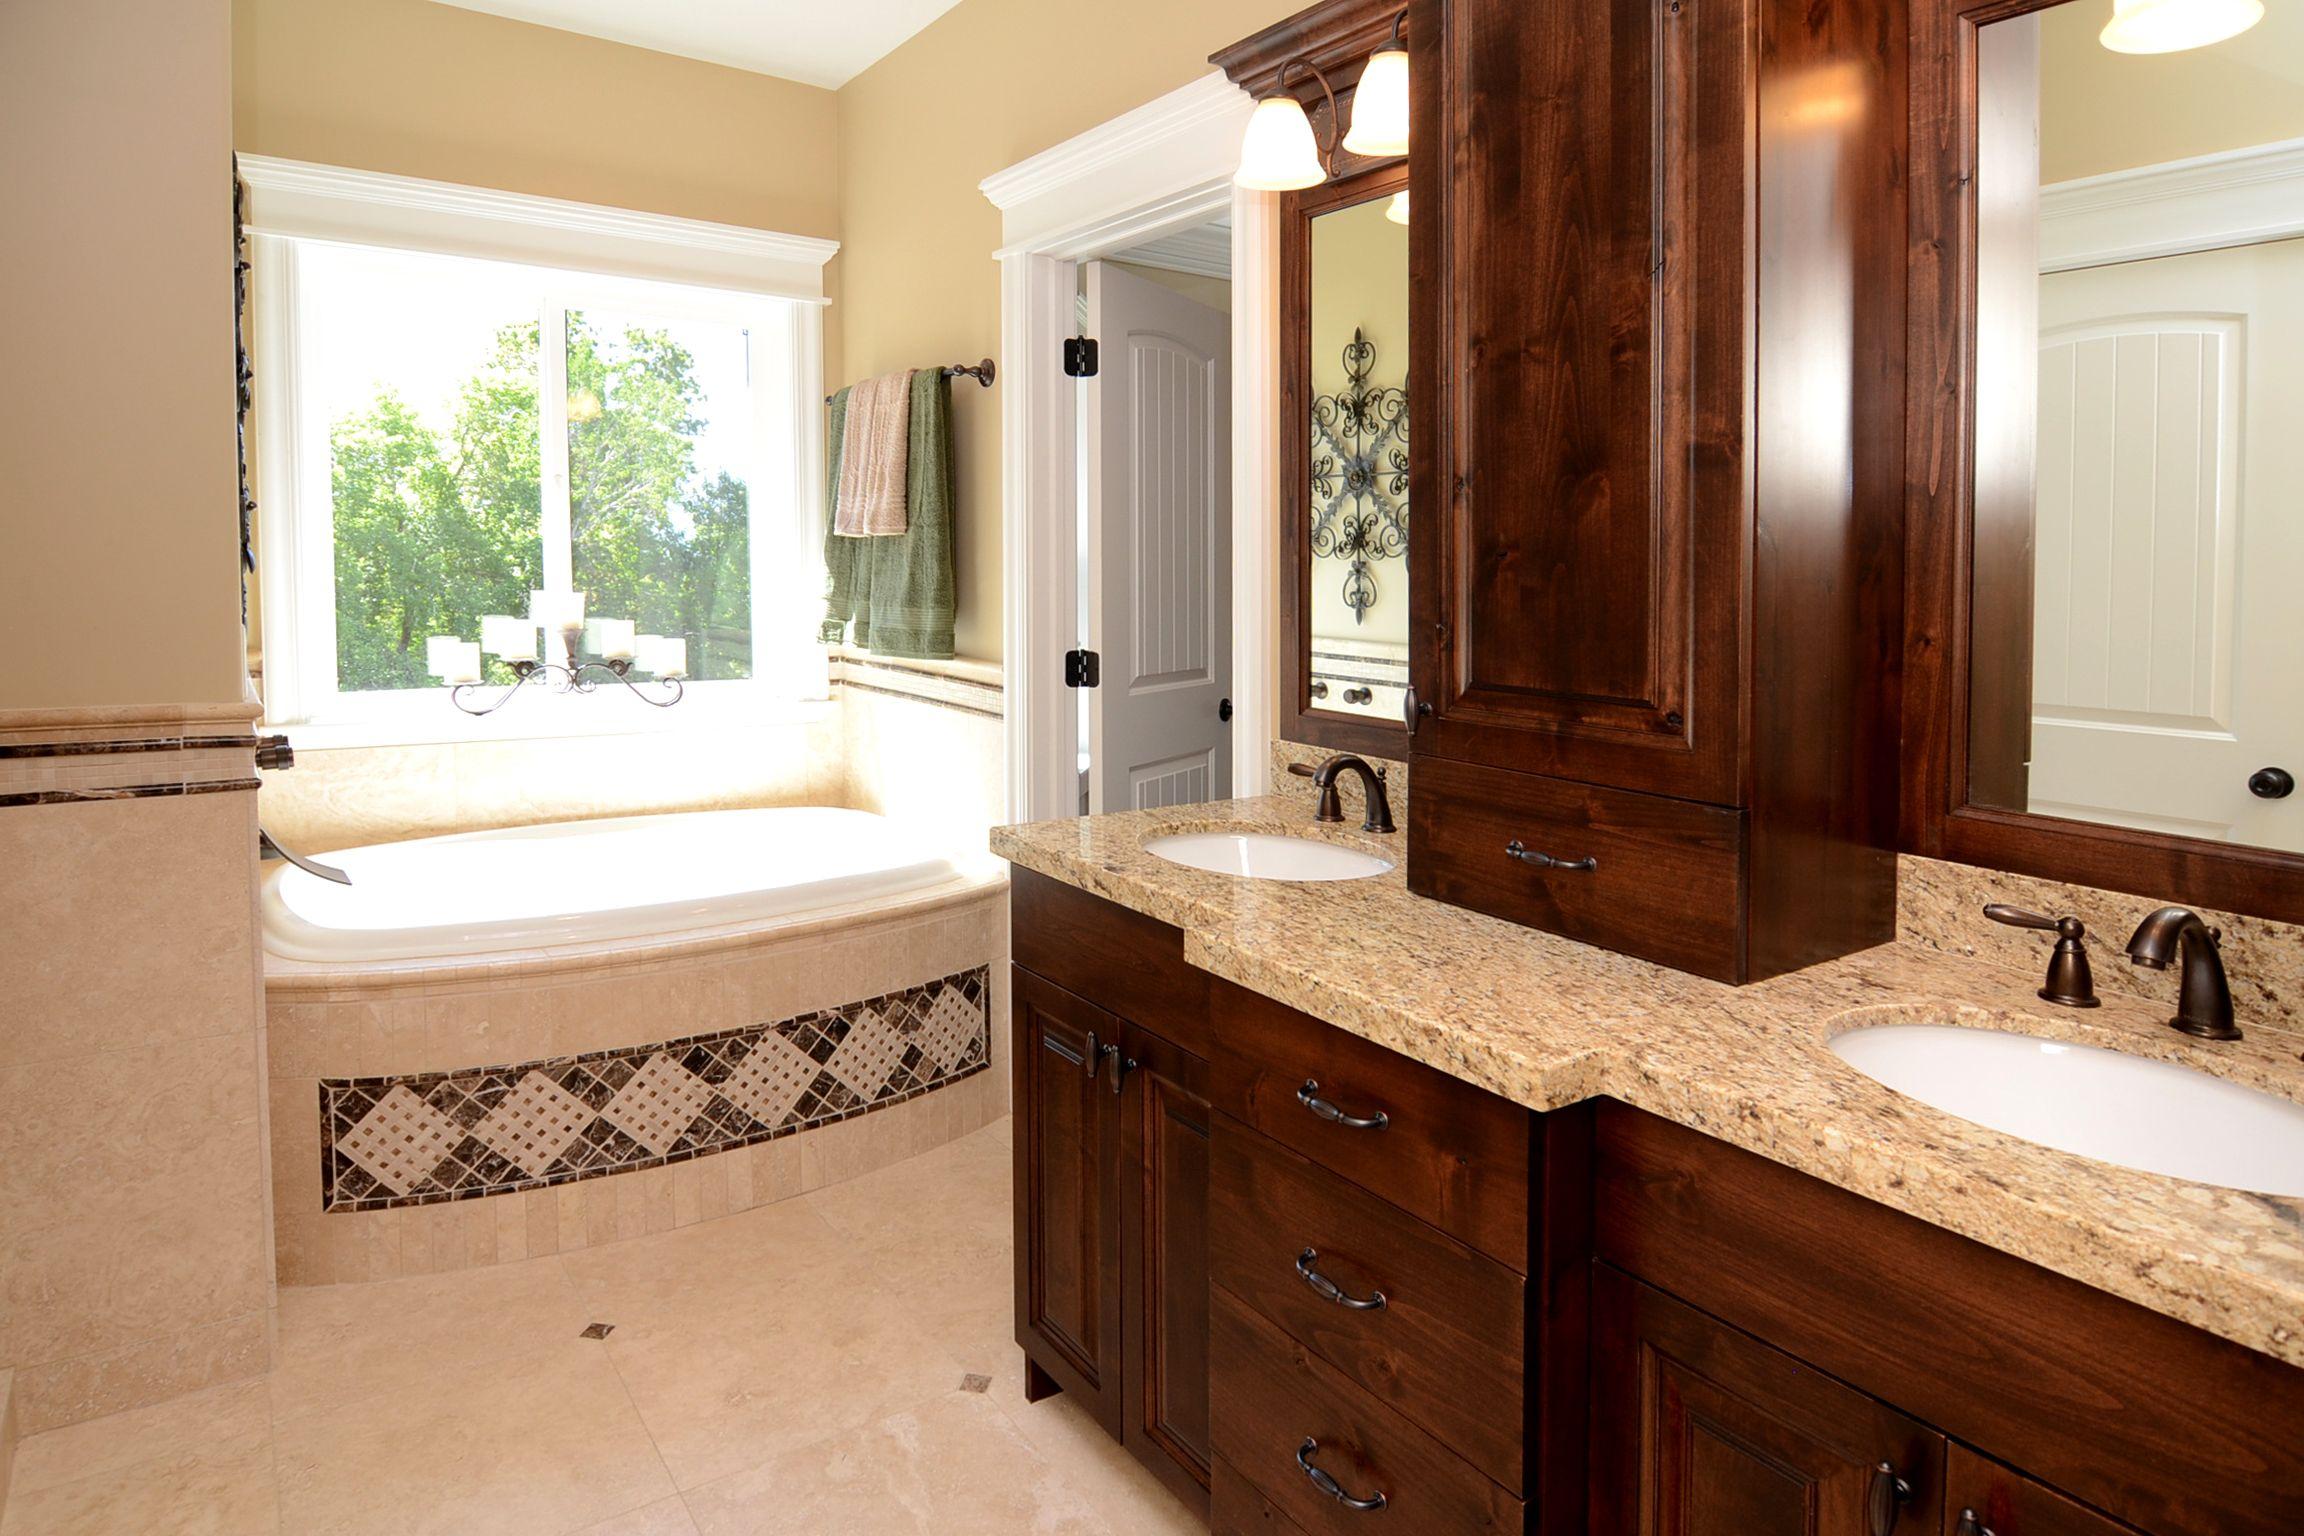 Badkamer Indeling Tips : Pictures of bathroom remodels bathroom remodel. we have some